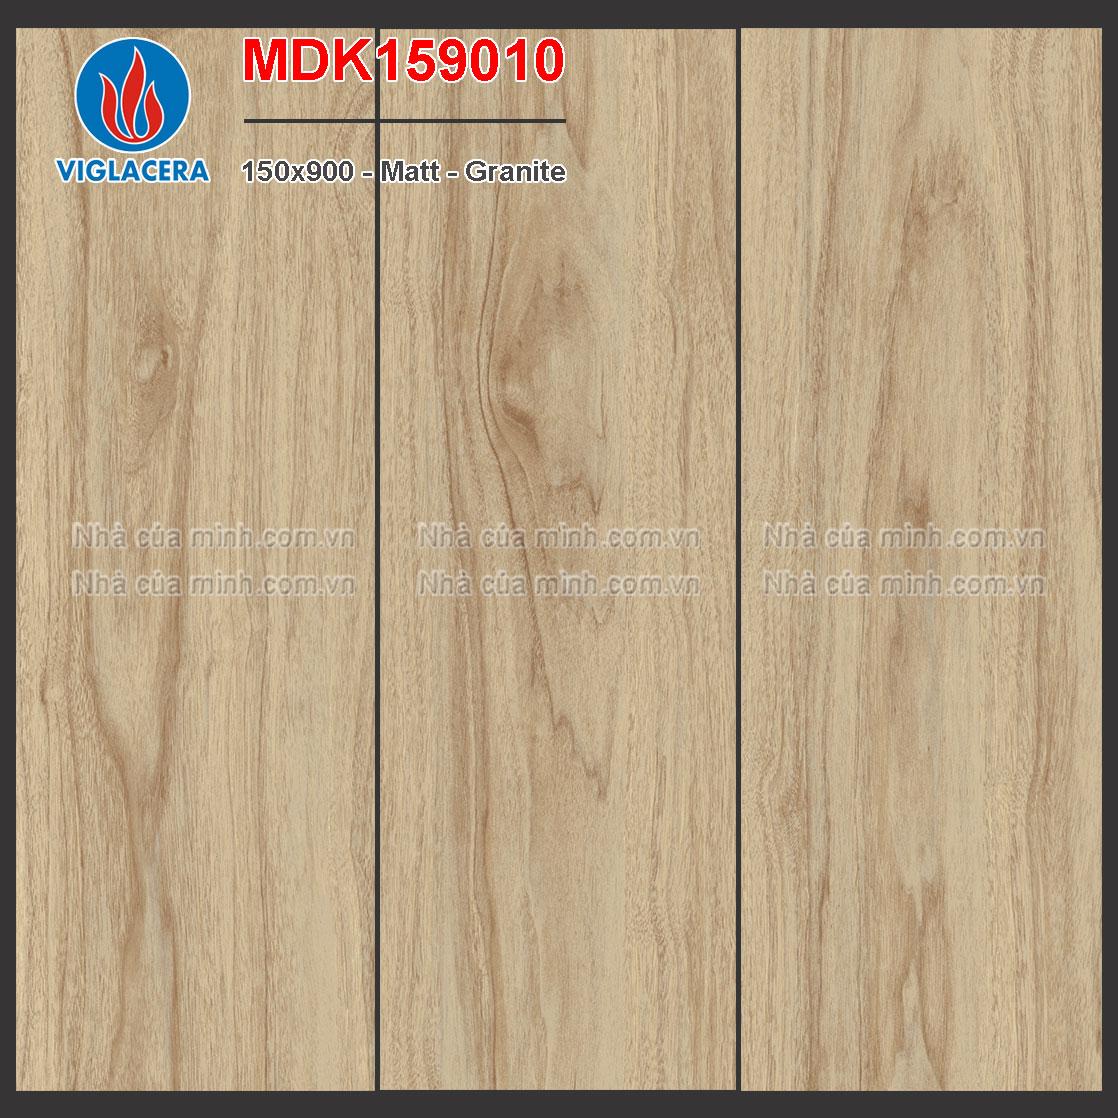 Gạch giả gỗ 150x900 Viglacera MDK159010 giá rẻ